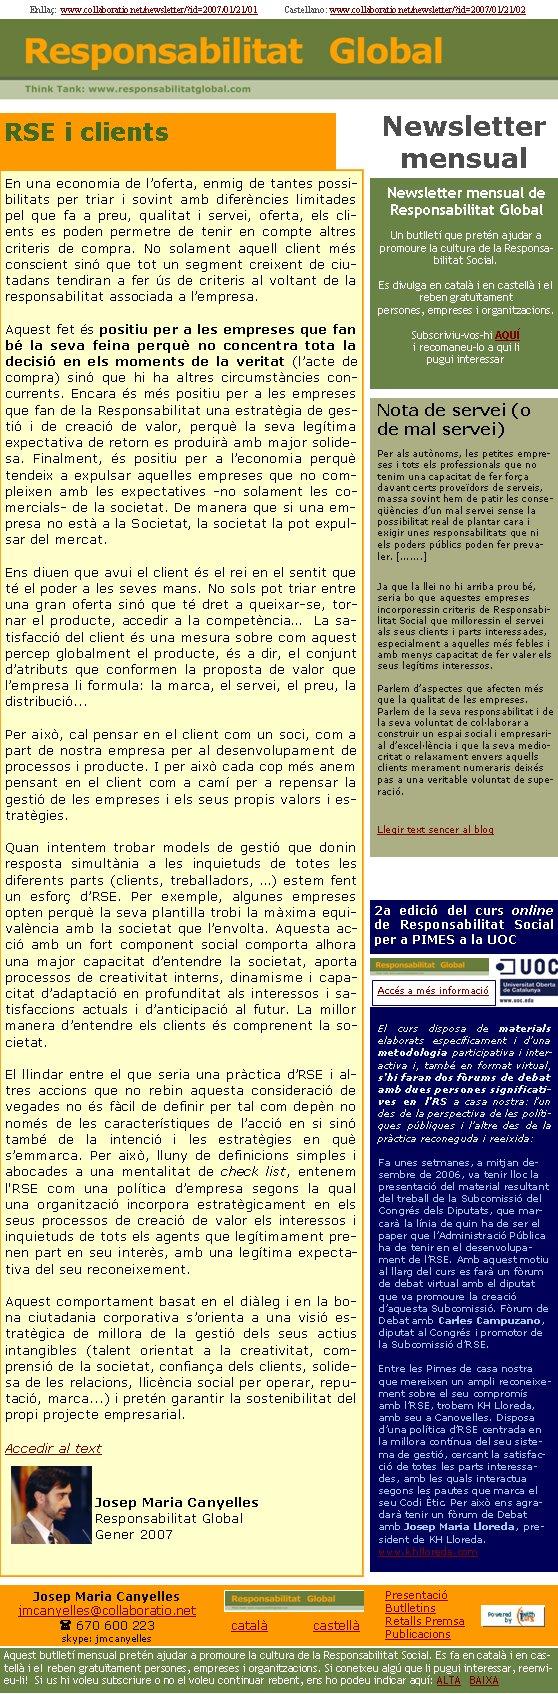 Enllaç:  www.collaboratio.net/newsletter/?id=2007/01/21/01            Castellano: www.collaboratio.net/newsletter/?id=2007/01/21/02 Josep Maria Canyellesjmcanyelles@collaboratio.net( 670 600 223 skype: jmcanyellescatalà           castellà Aquest butlletí mensual pretén ajudar a promoure la cultura de la Responsabilitat Social. Es fa en català i en castellà i el reben gratuïtament persones, empreses i organitzacions. Si coneixeu algú que li pugui interessar, reenvieu-li!  Si us hi voleu subscriure o no el voleu continuar rebent, ens ho podeu indicar aquí: ALTA   BAIXA PresentacióButlletinsRetalls PremsaPublicacionsRSE i clientsEn una economia de l'oferta, enmig de tantes possibilitats per triar i sovint amb diferències limitades pel que fa a preu, qualitat i servei, oferta, els clients es poden permetre de tenir en compte altres criteris de compra. No solament aquell client més conscient sinó que tot un segment creixent de ciutadans tendiran a fer ús de criteris al voltant de la responsabilitat associada a l'empresa.Aquest fet és positiu per a les empreses que fan bé la seva feina perquè no concentra tota la decisió en els moments de la veritat (l'acte de compra) sinó que hi ha altres circumstàncies concurrents. Encara és més positiu per a les empreses que fan de la Responsabilitat una estratègia de gestió i de creació de valor, perquè la seva legítima expectativa de retorn es produirà amb major solidesa. Finalment, és positiu per a l'economia perquè tendeix a expulsar aquelles empreses que no compleixen amb les expectatives -no solament les comercials- de la societat. De manera que si una empresa no està a la Societat, la societat la pot expulsar del mercat.  Ens diuen que avui el client és el rei en el sentit que té el poder a les seves mans. No sols pot triar entre una gran oferta sinó que té dret a queixar-se, tornar el producte, accedir a la competència…  La satisfacció del client és una mesura sobre com aquest percep globalment el producte, és a dir, el conjunt